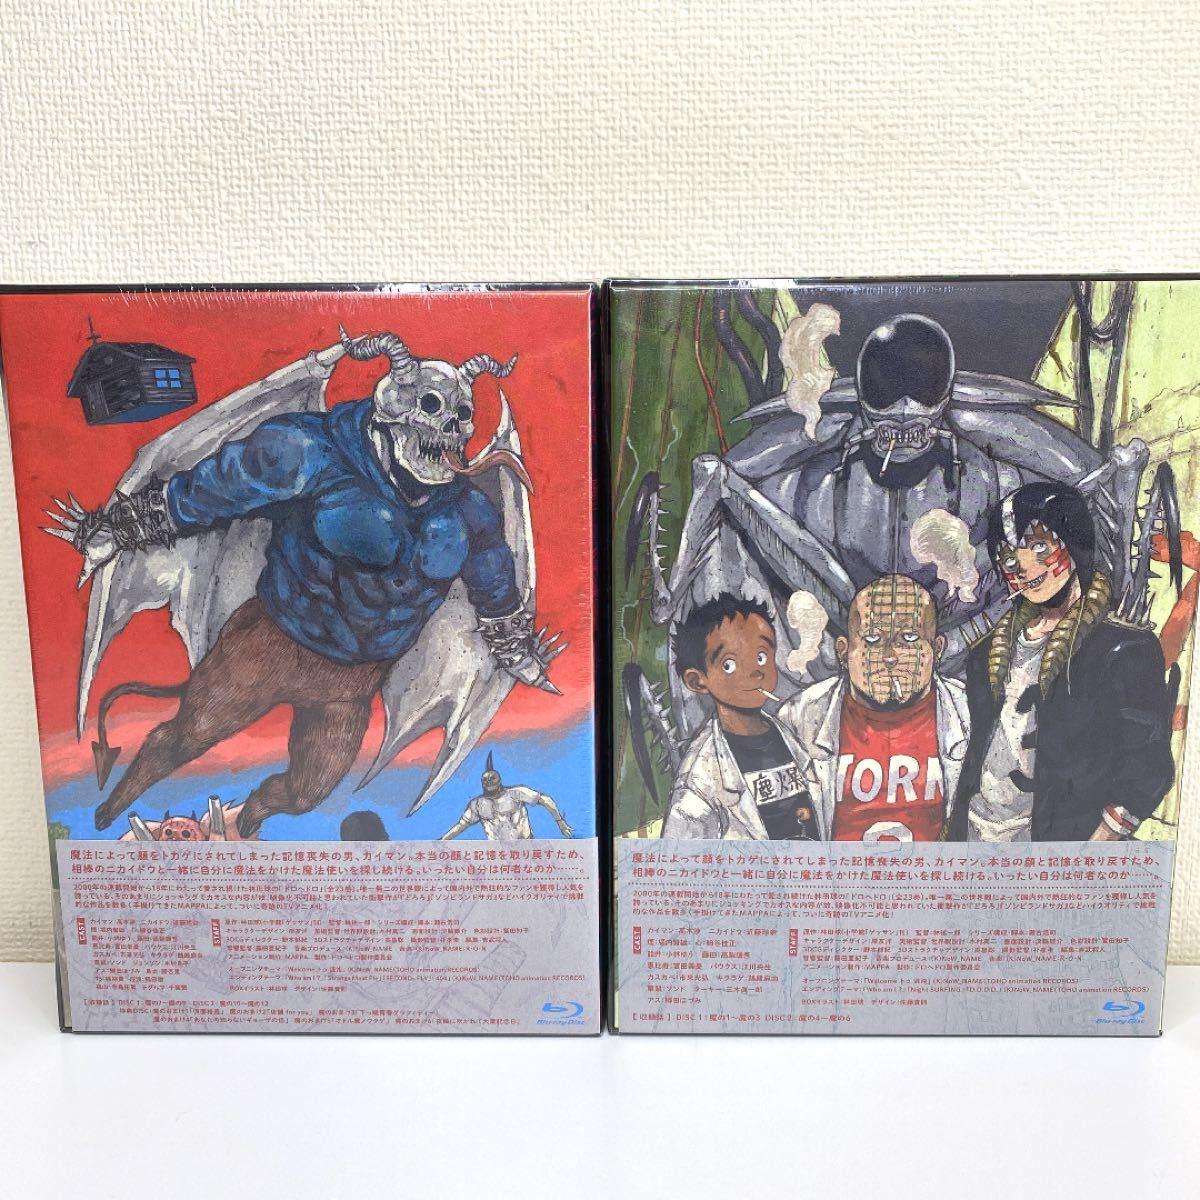 【初回限定版】ドロヘドロ Blu-ray BOX 上下巻 全6枚組